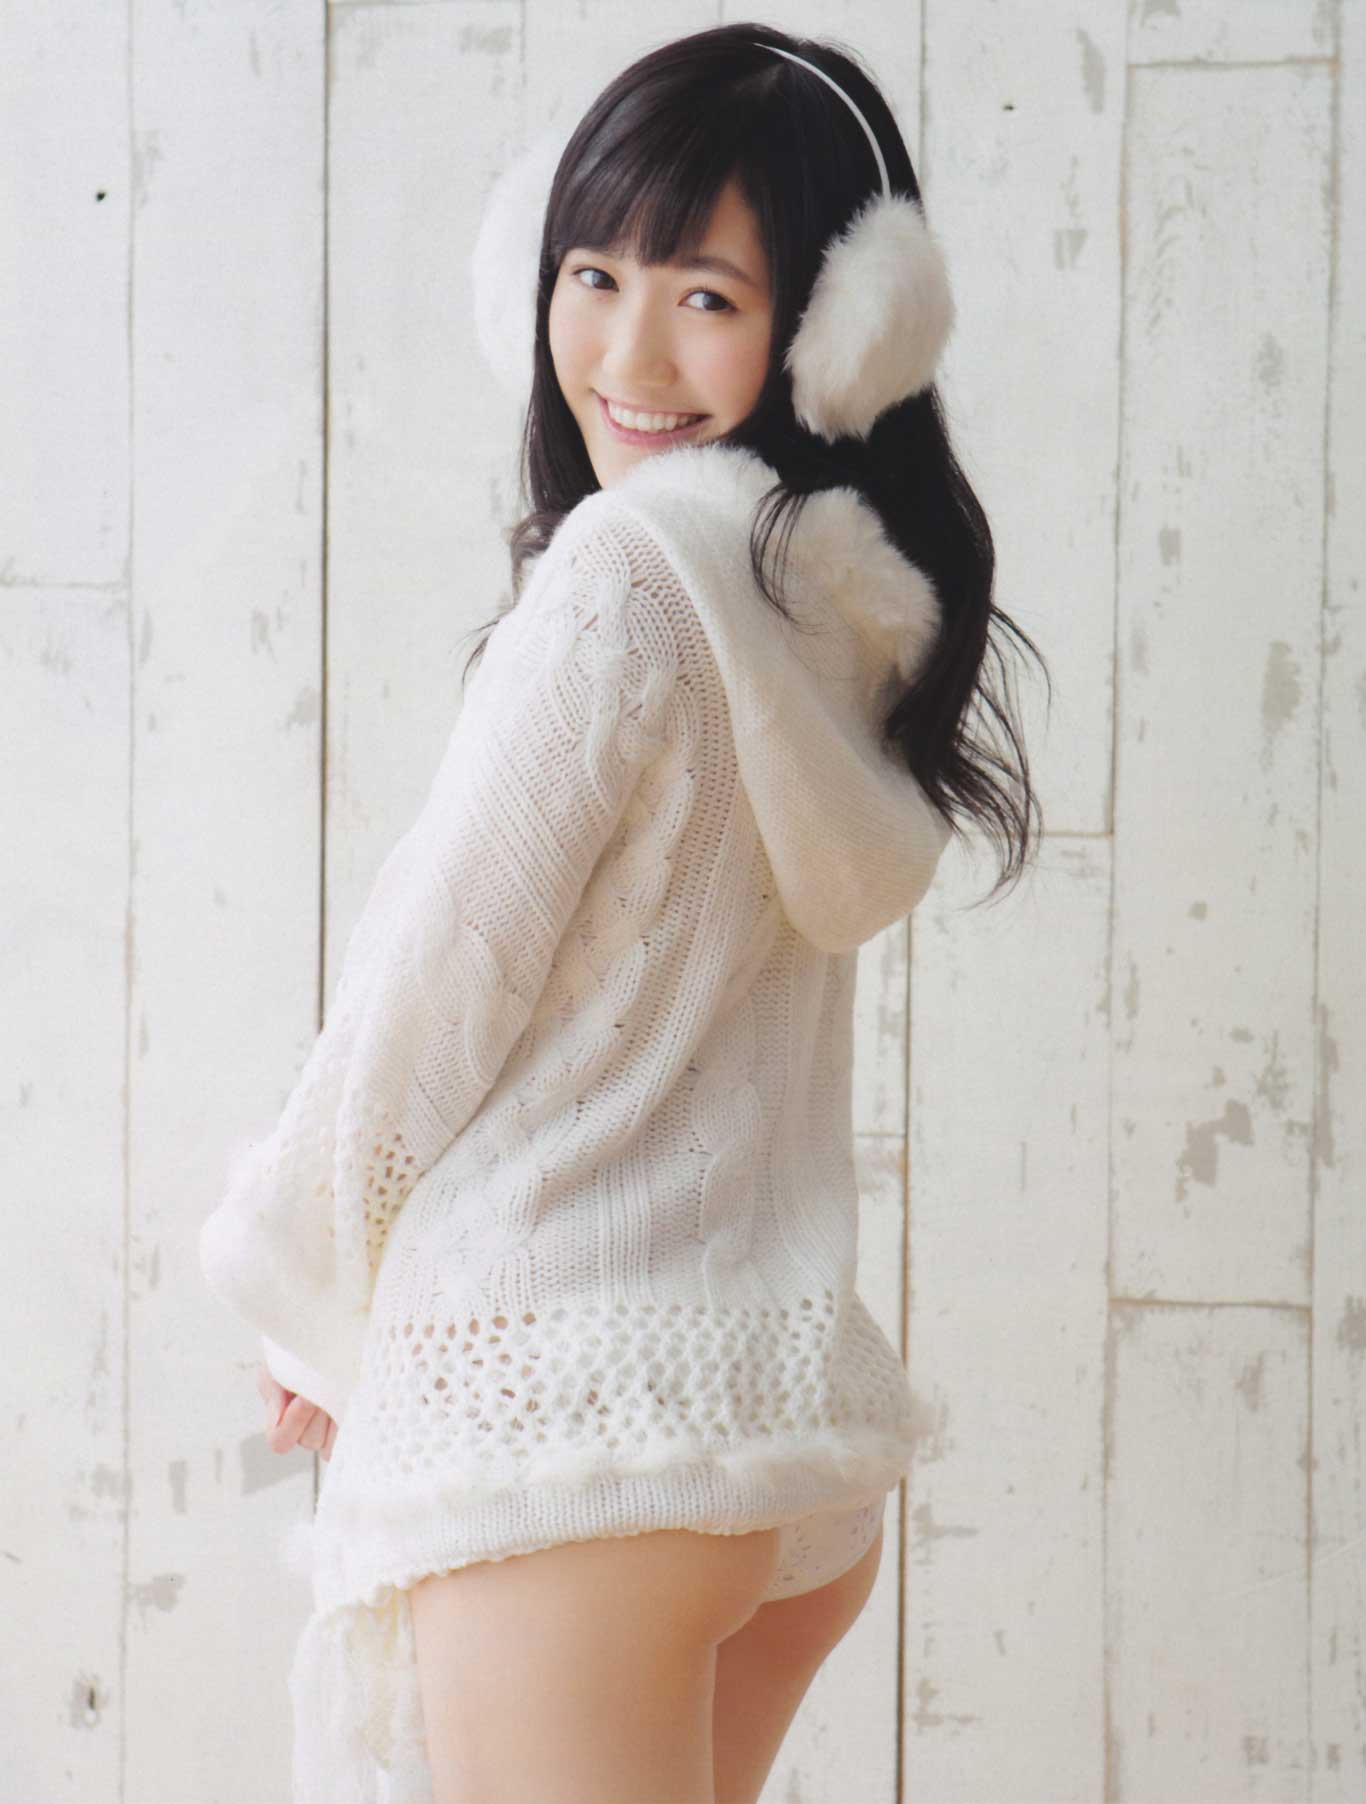 渡辺麻友 AKB48